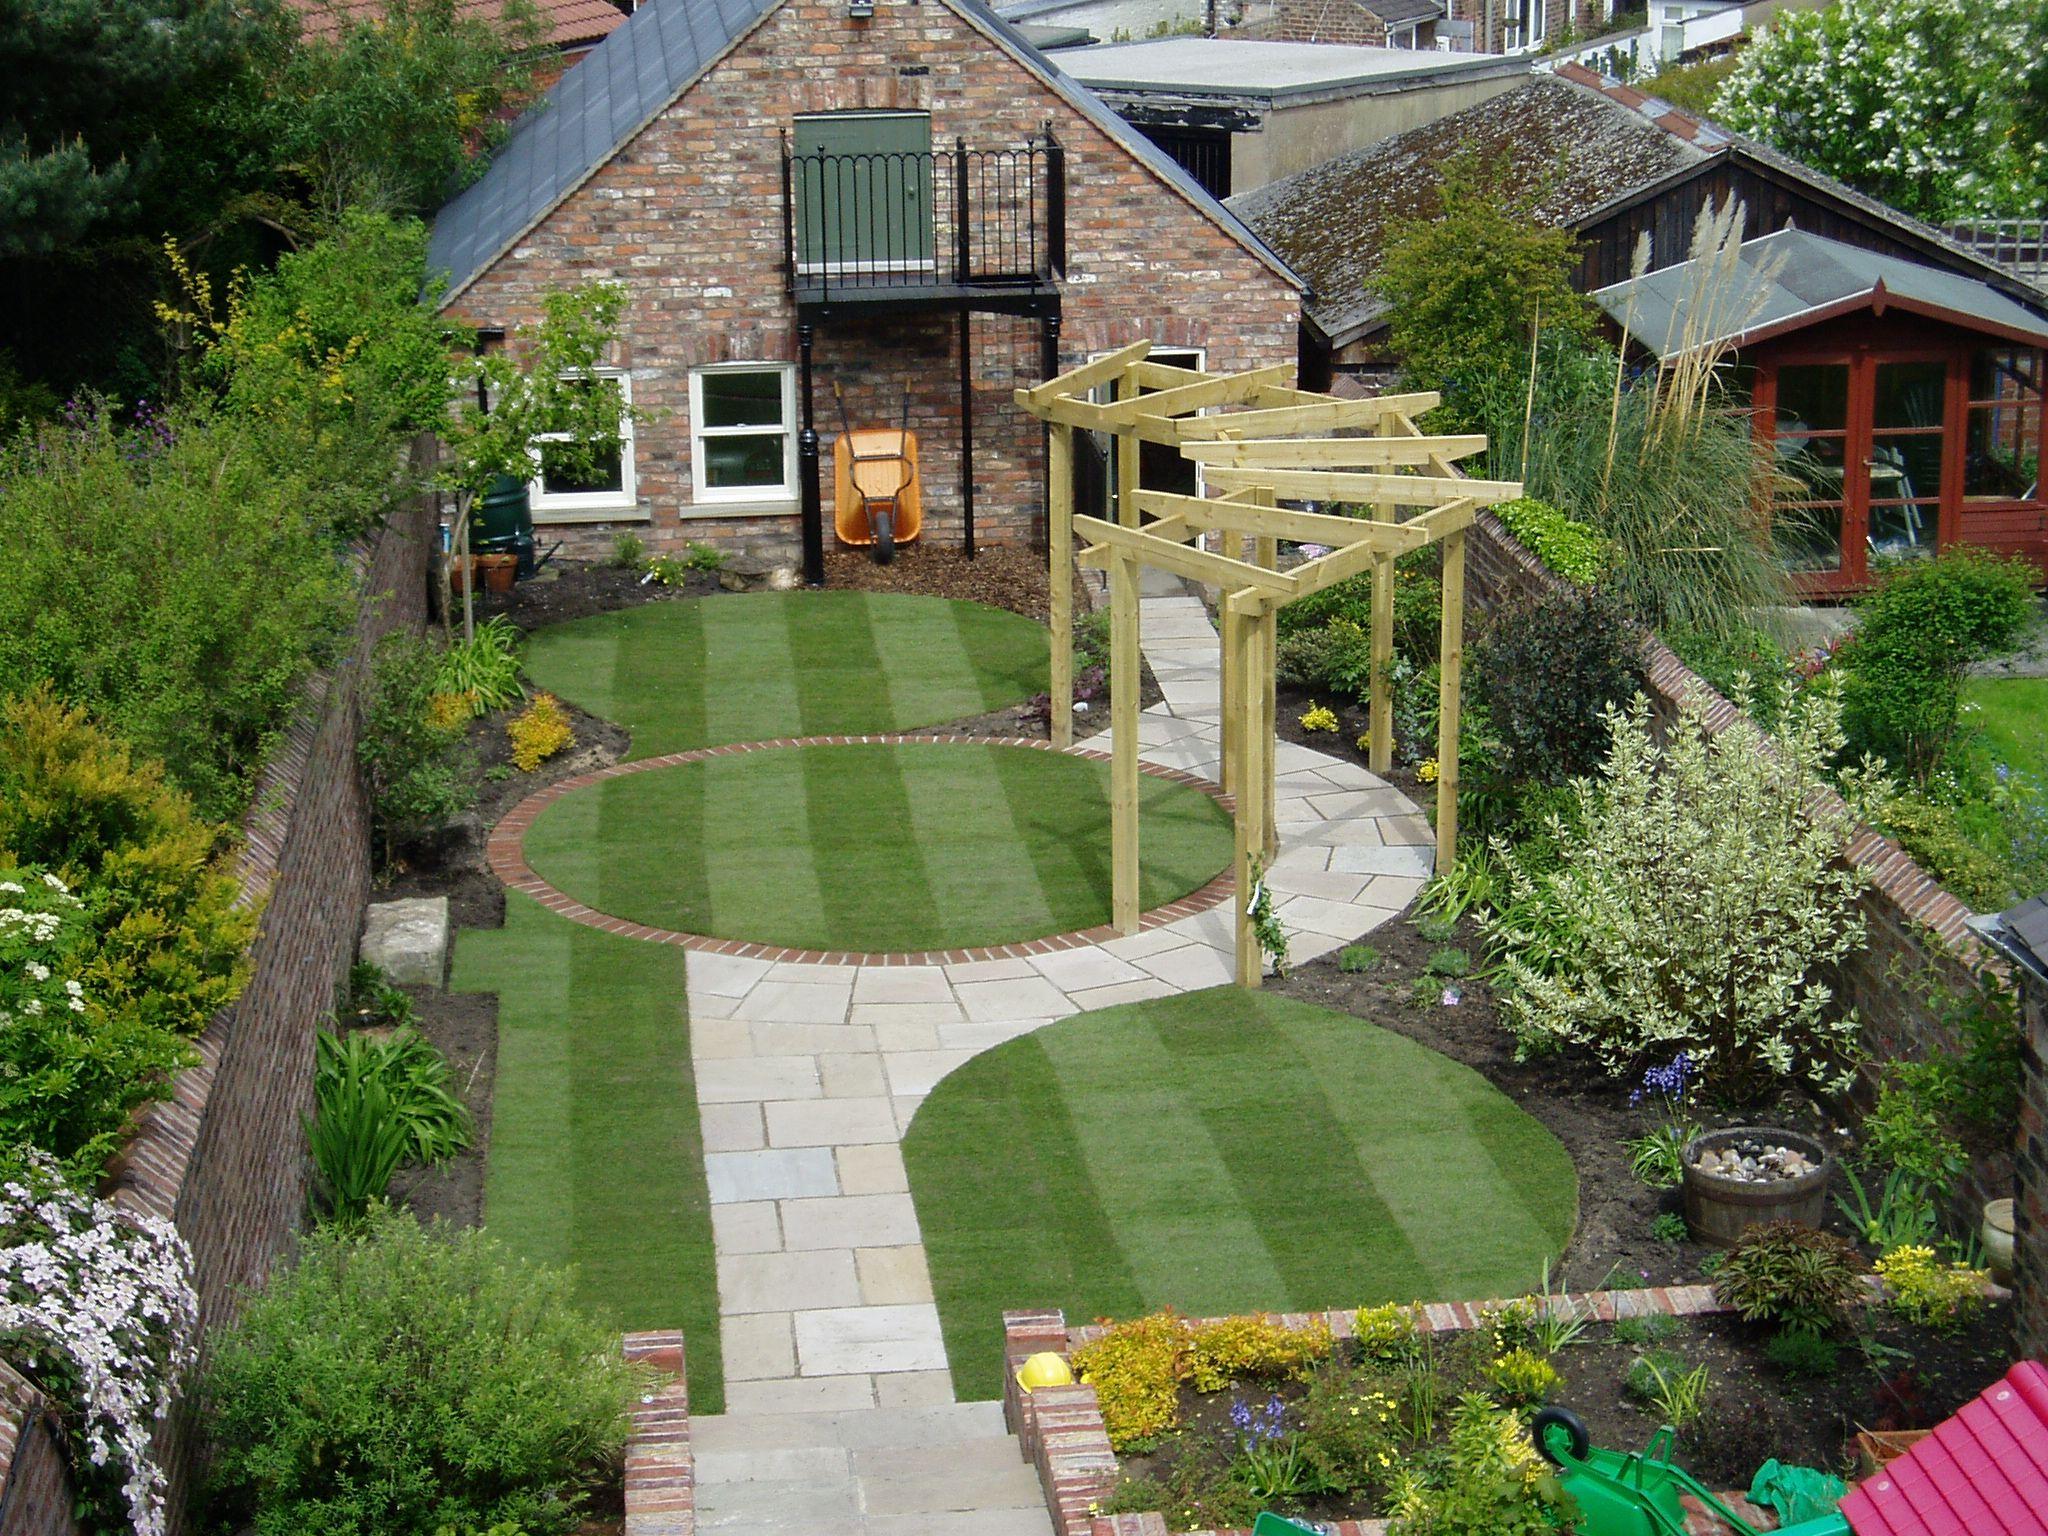 Garden design ideas small garden design more LTBQJLH